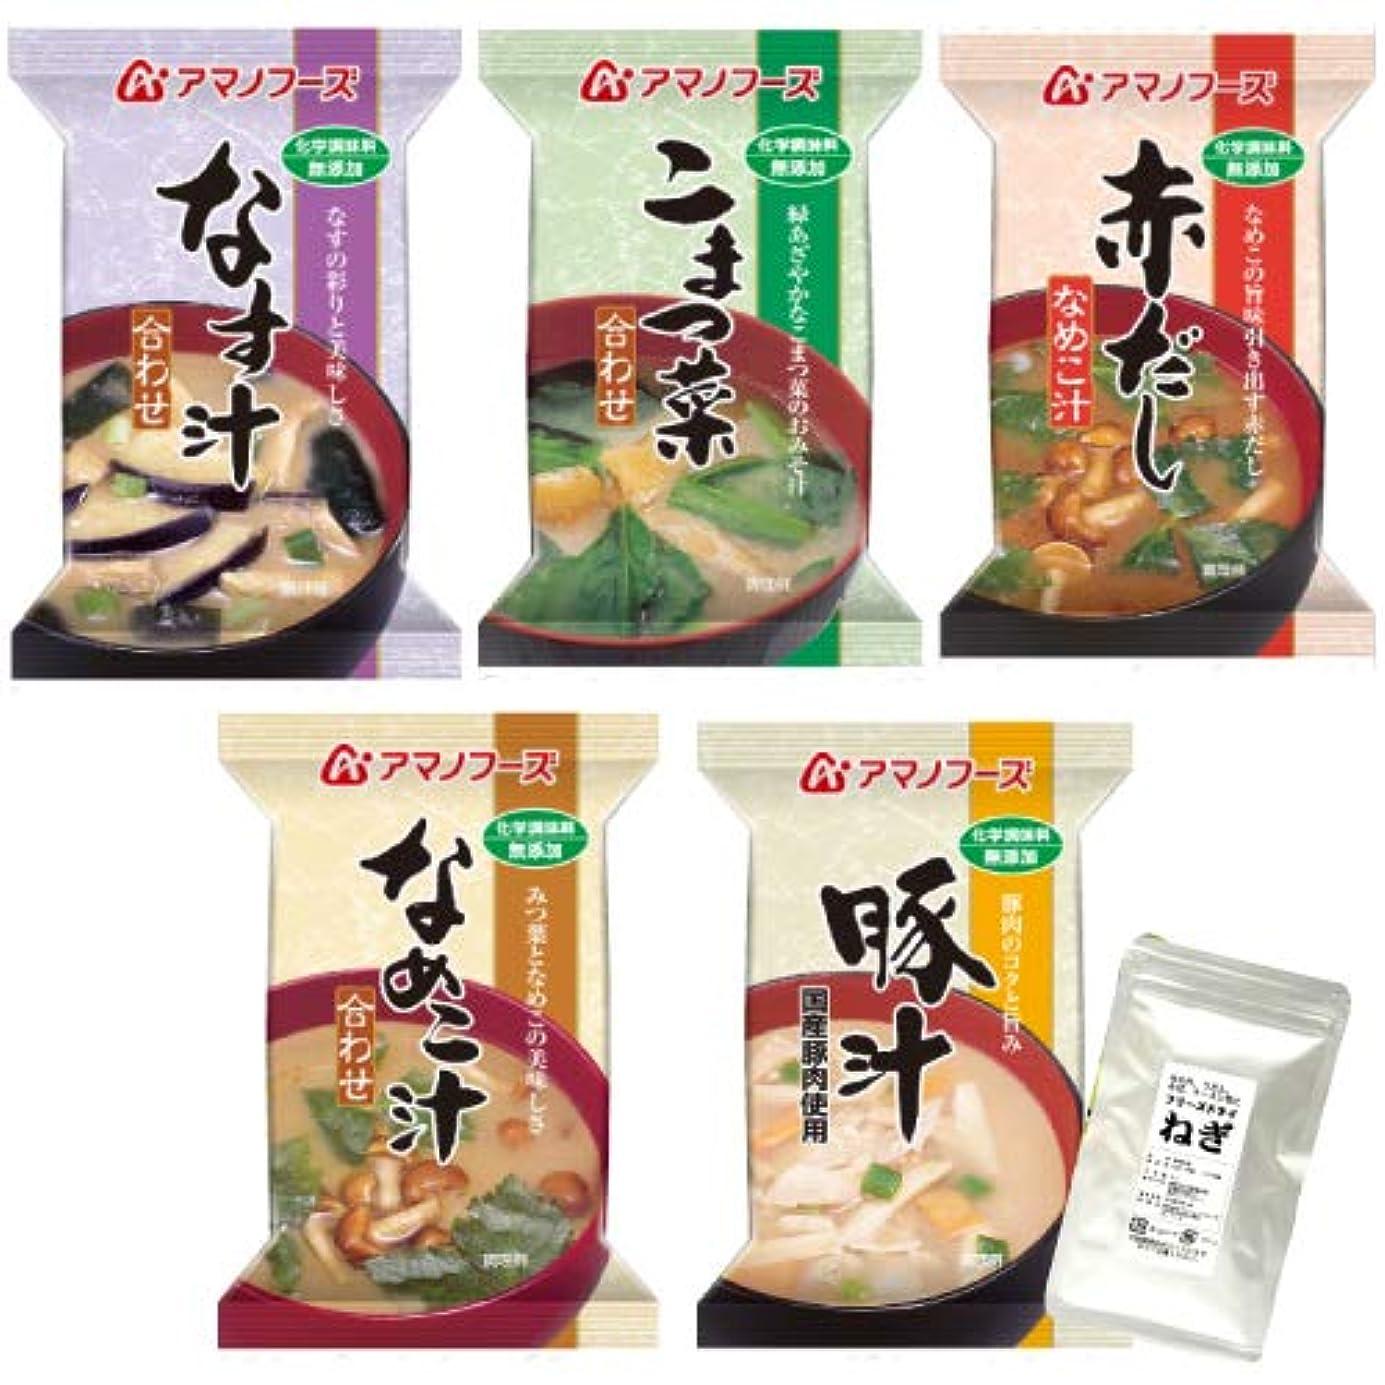 平和なタンカーアクティブアマノフーズ フリーズドライ 味噌汁 化学調味料無添加 5種類 30食 小袋ねぎ1袋 セット